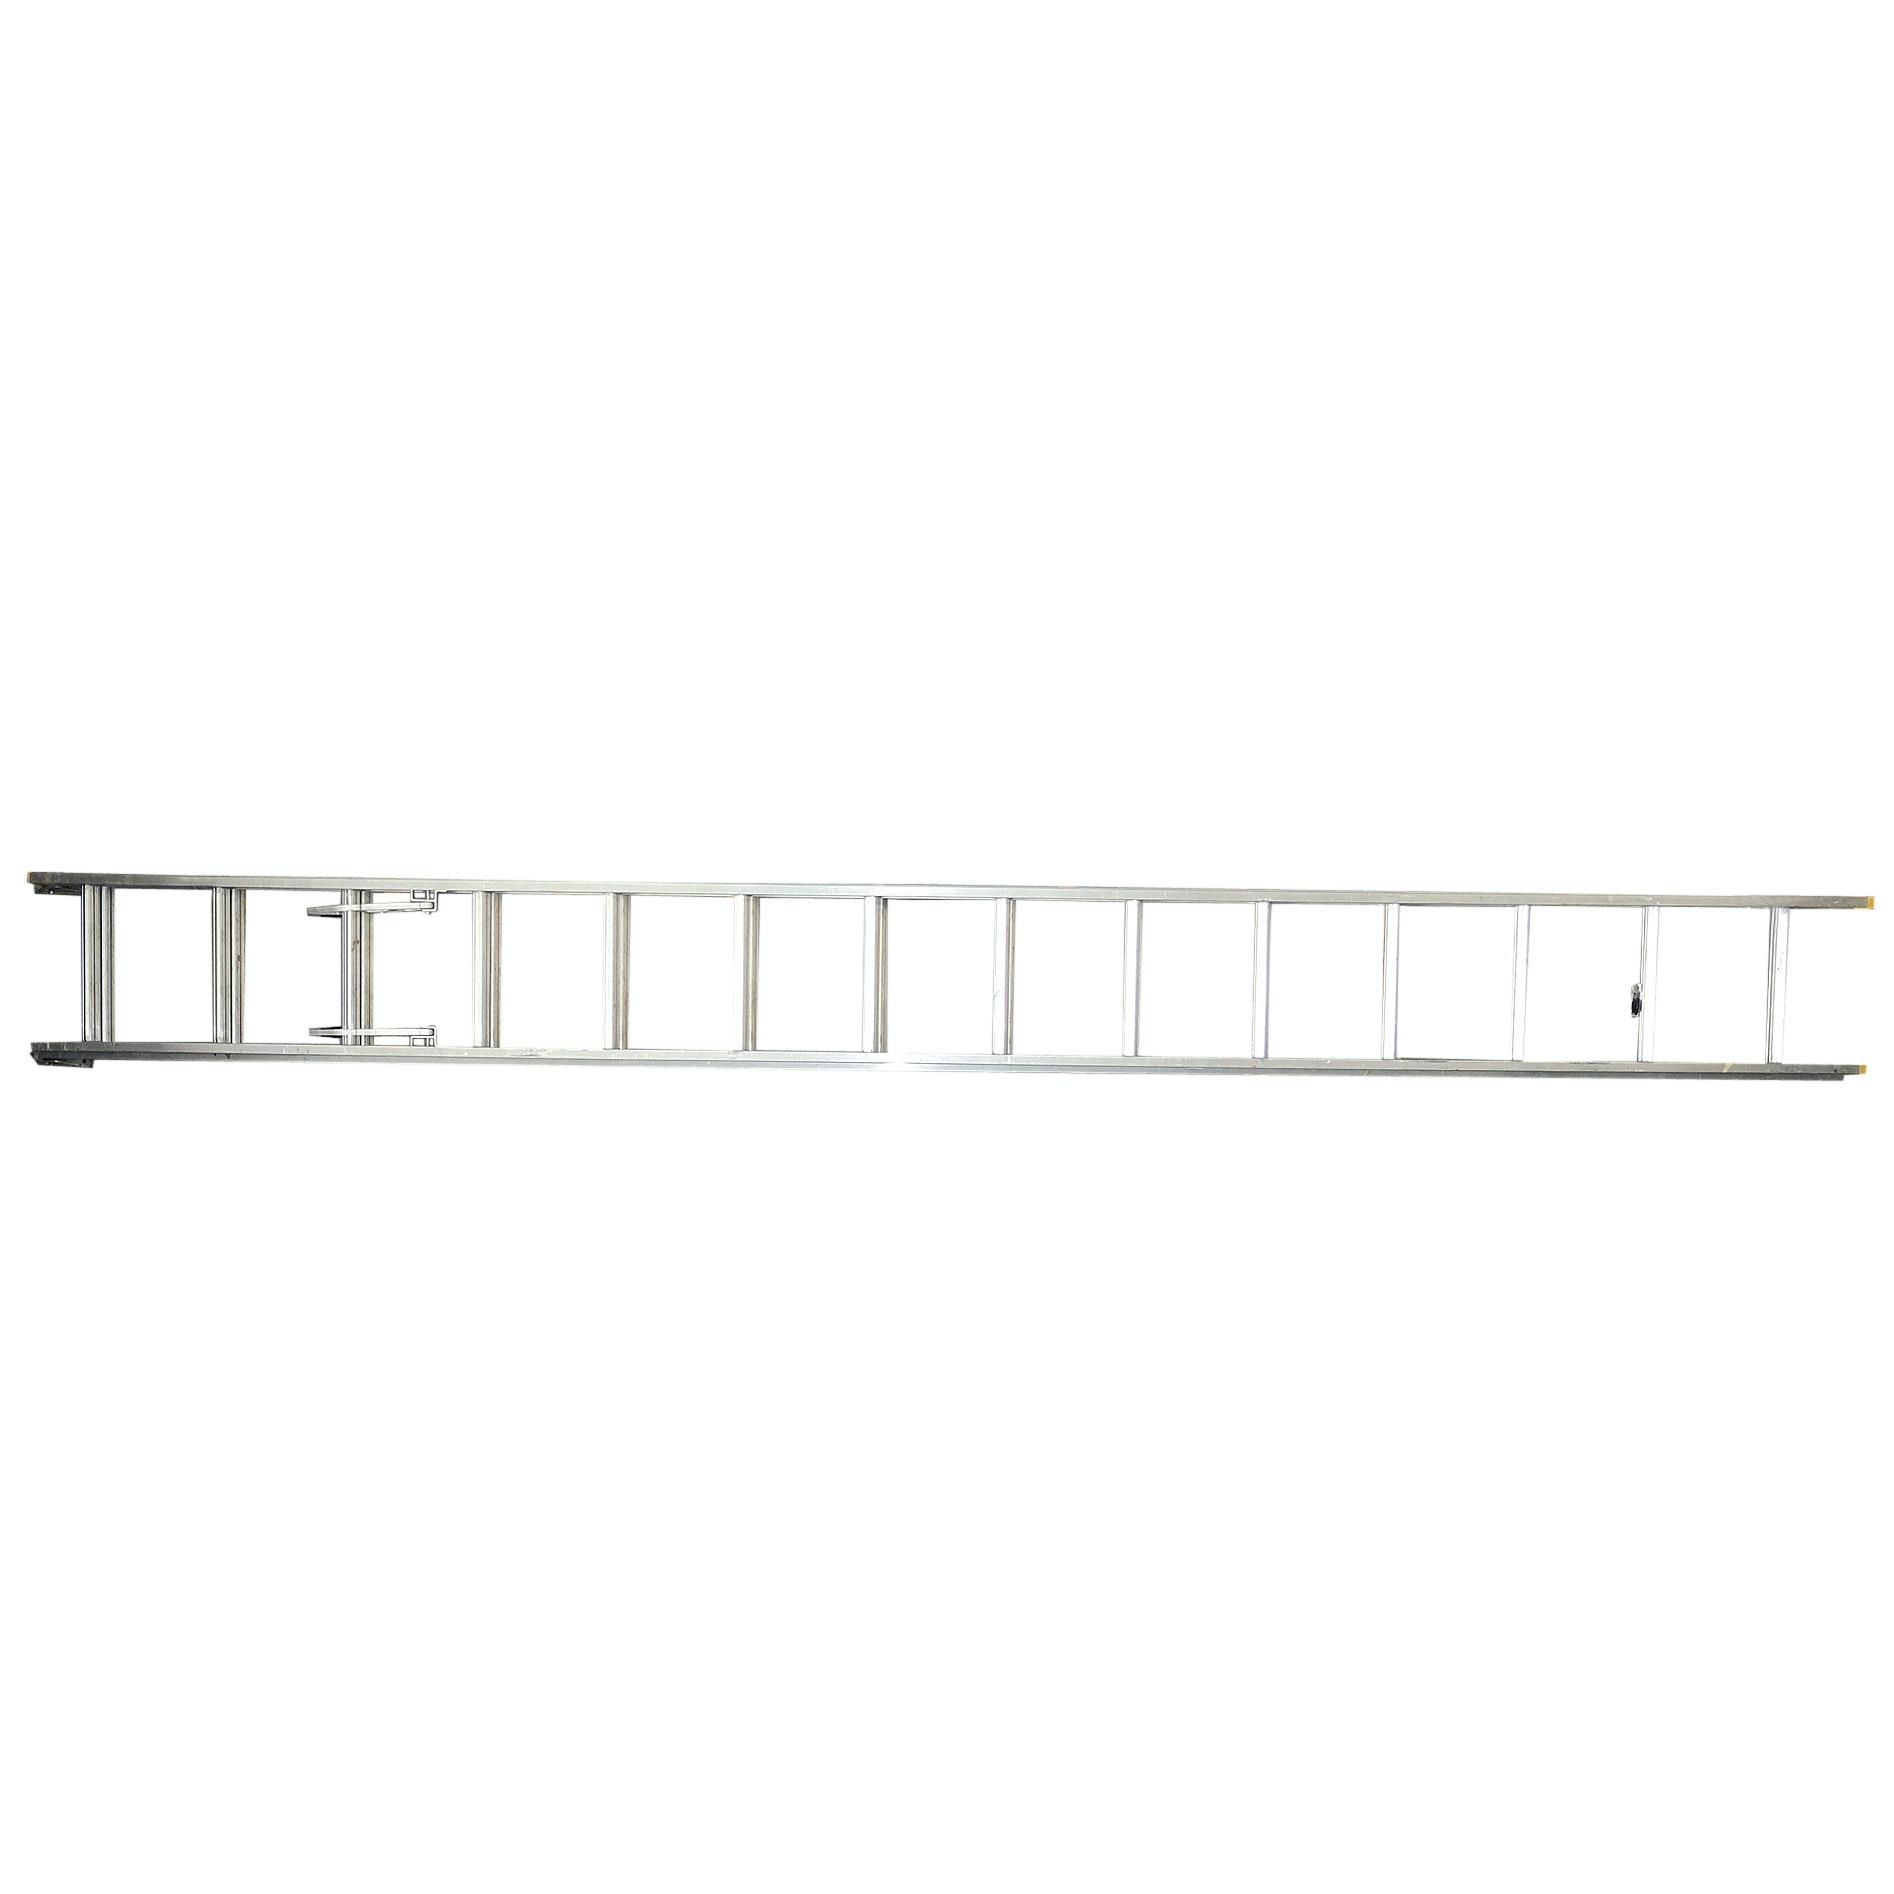 Werner 28 Foot Extension Ladder